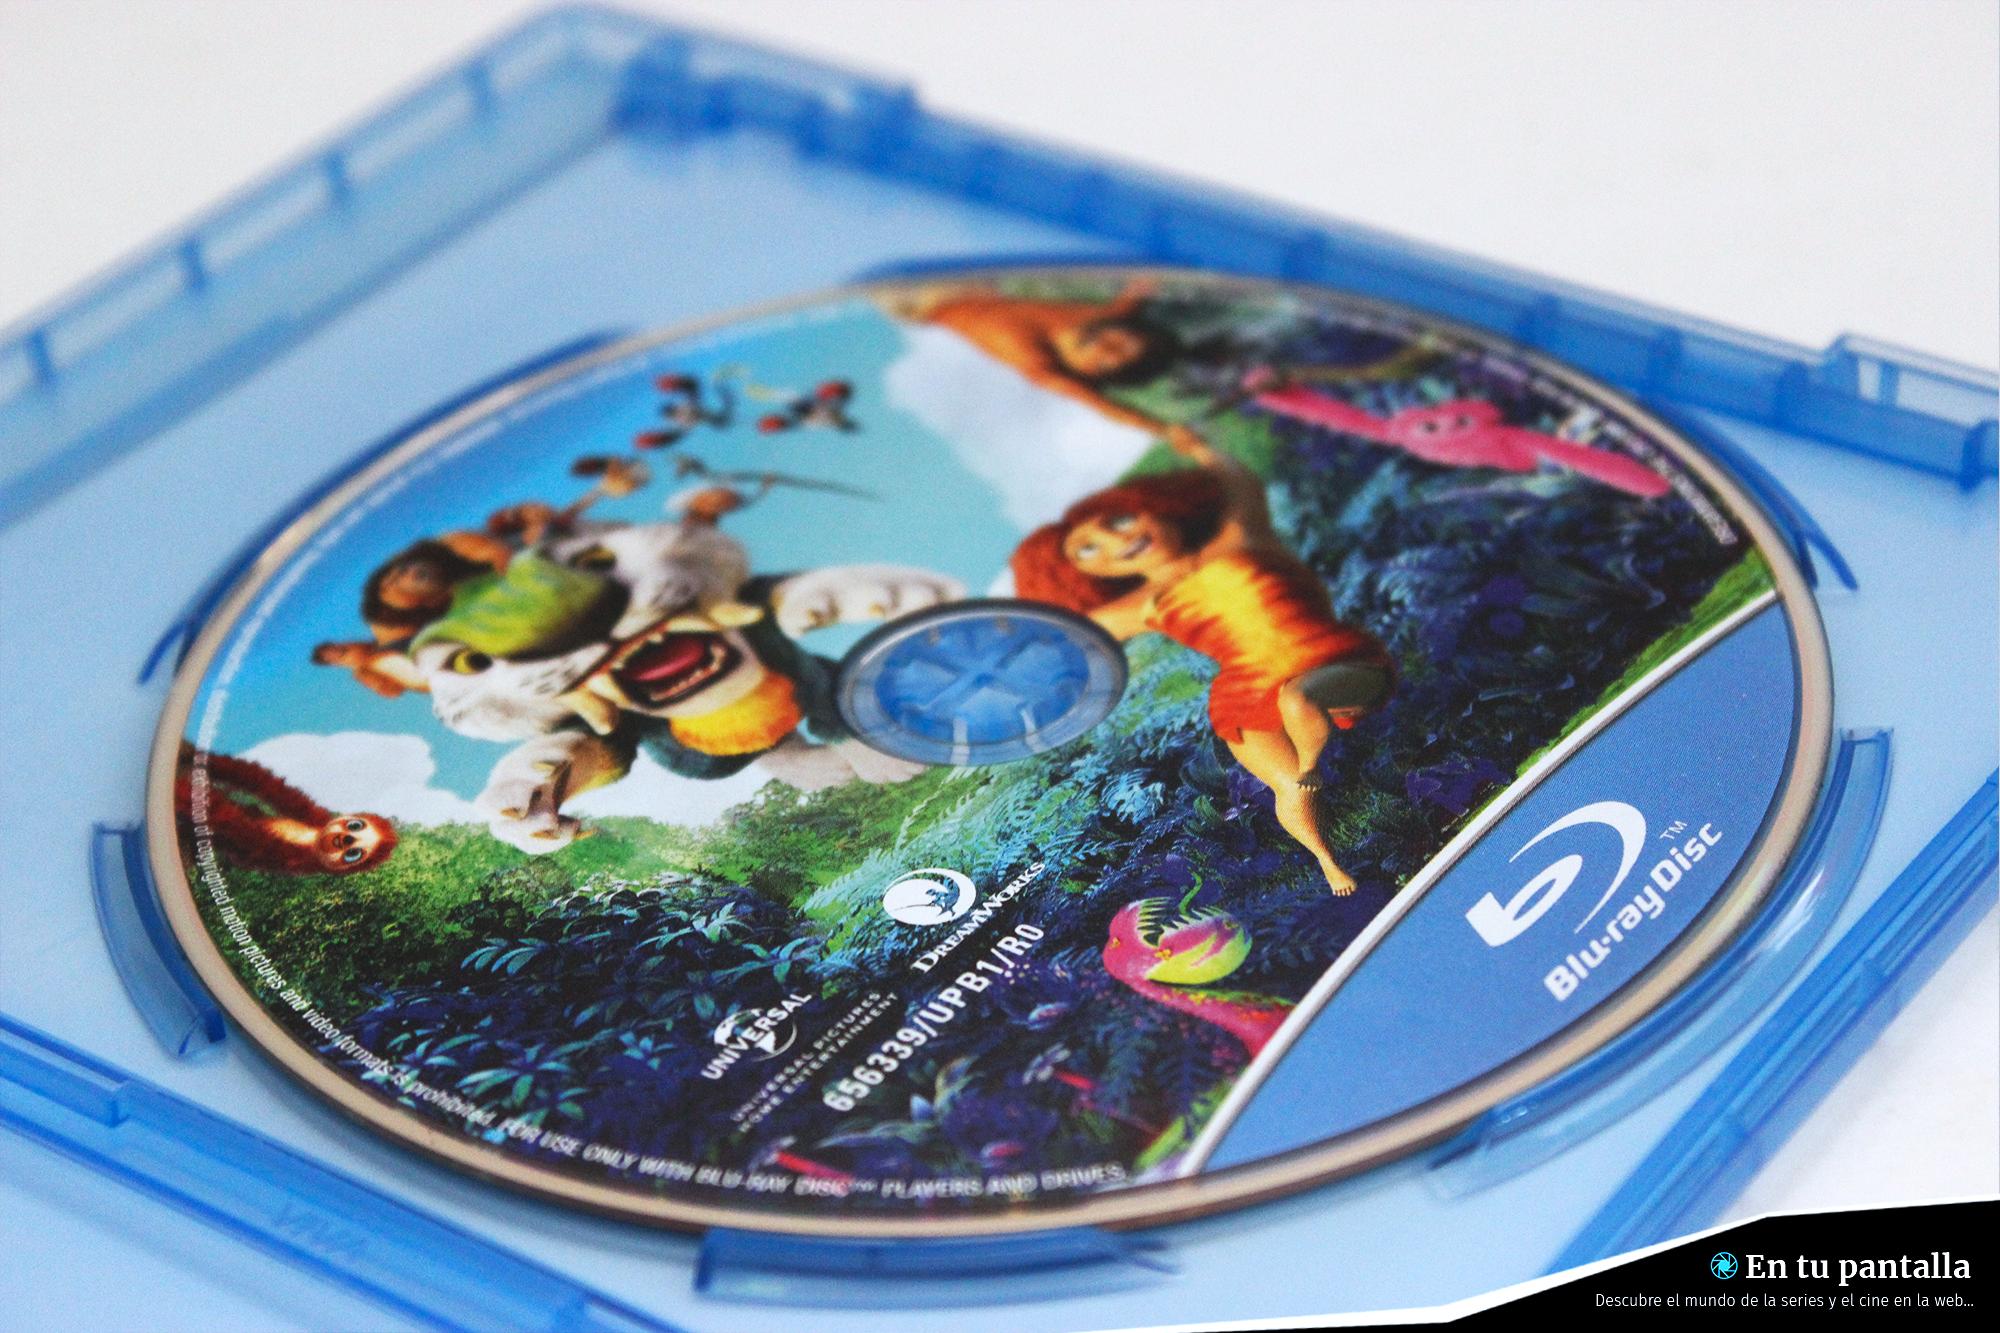 Análisis Blu-ray: 'Los Croods: Una nueva era', la aventura continúa • En tu pantalla